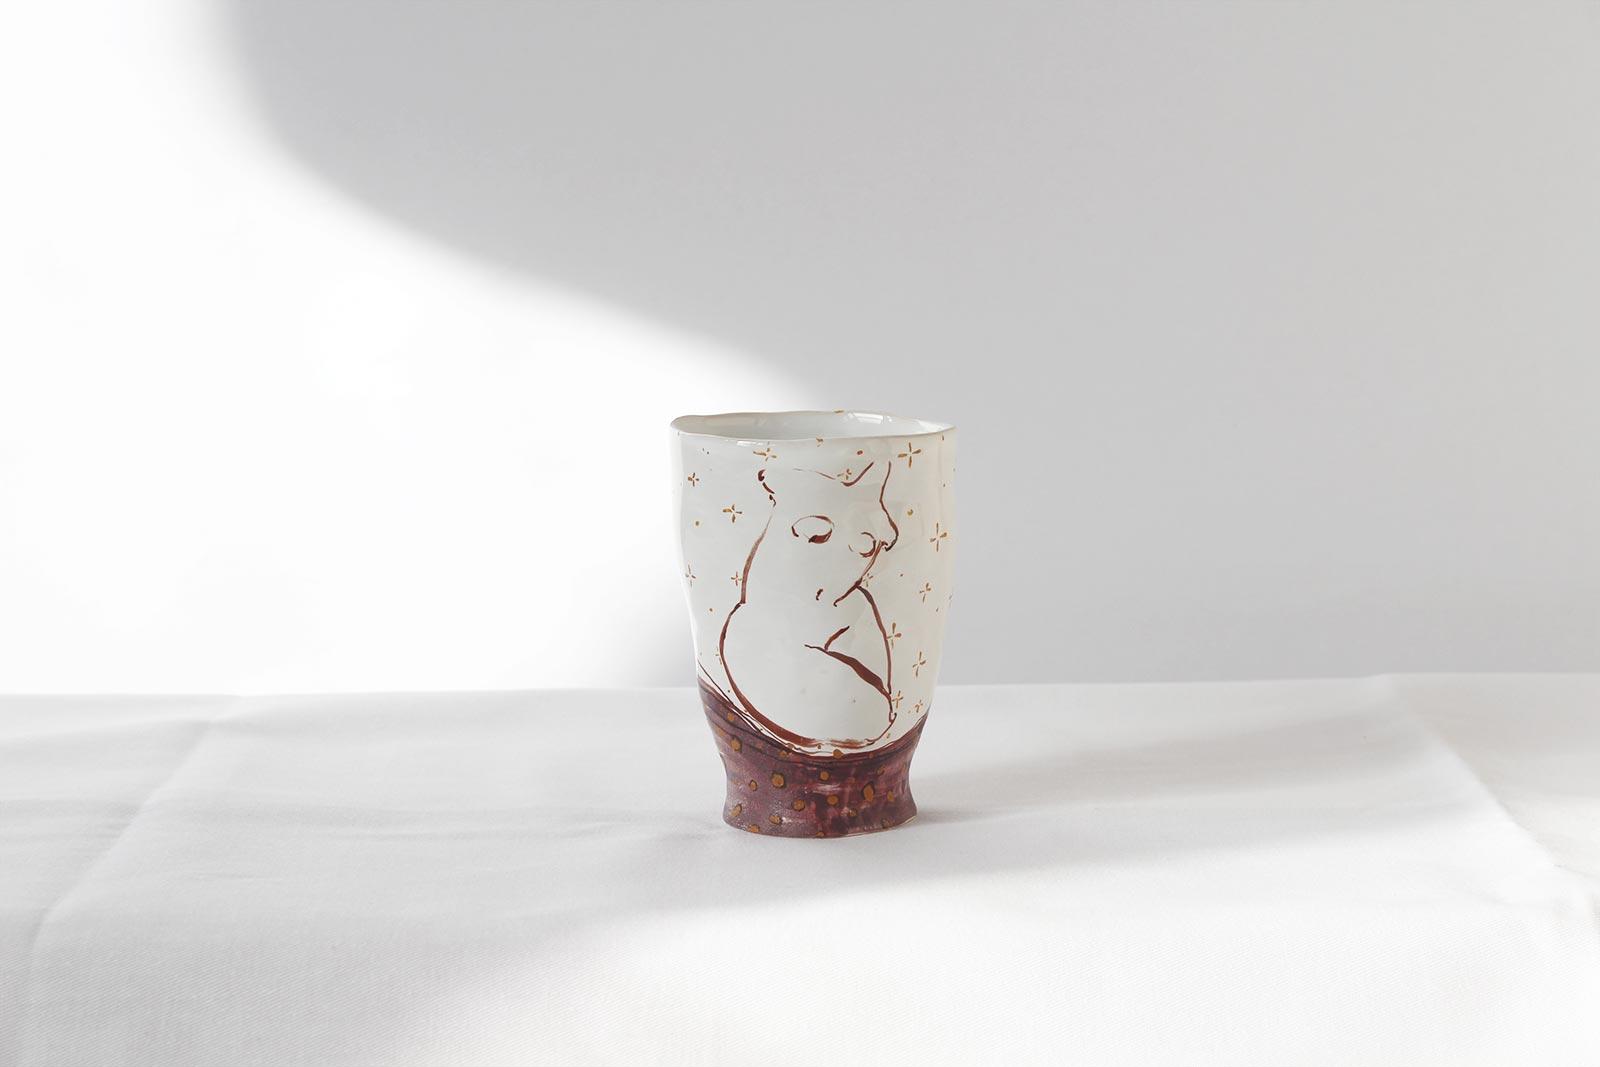 Декоративная керамическая стакан (Ручная работа)